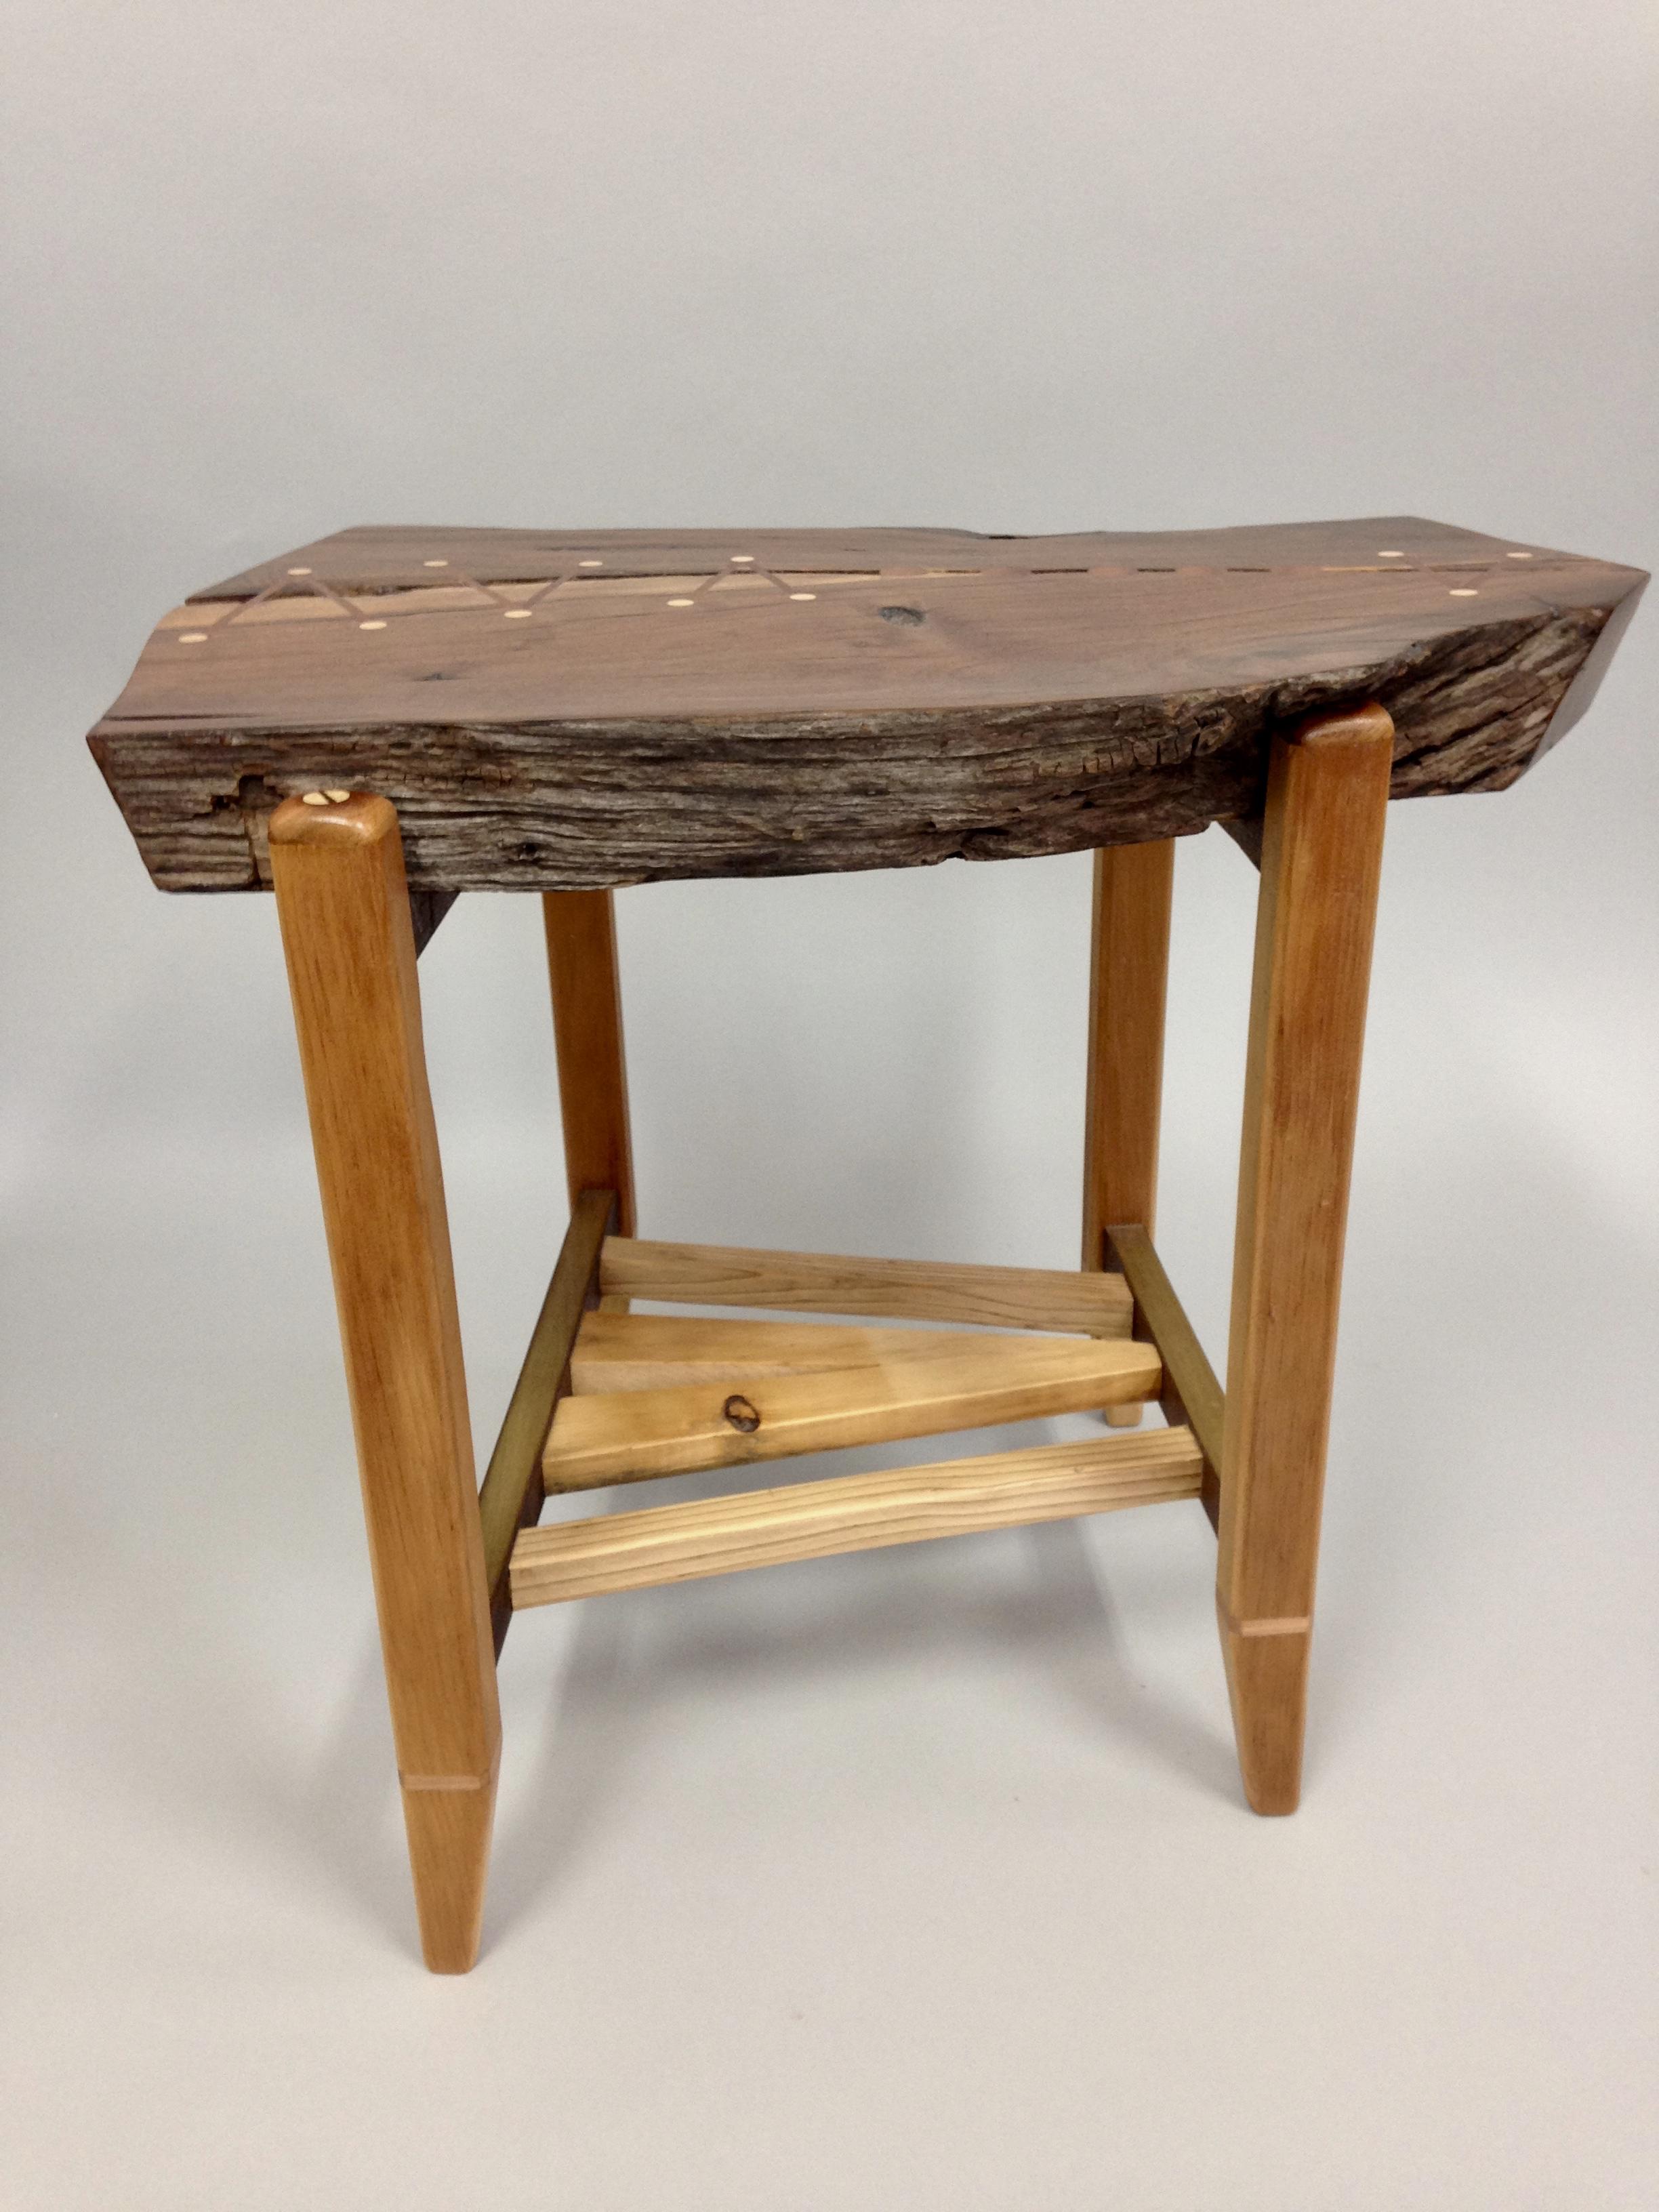 Walnut & pine side table